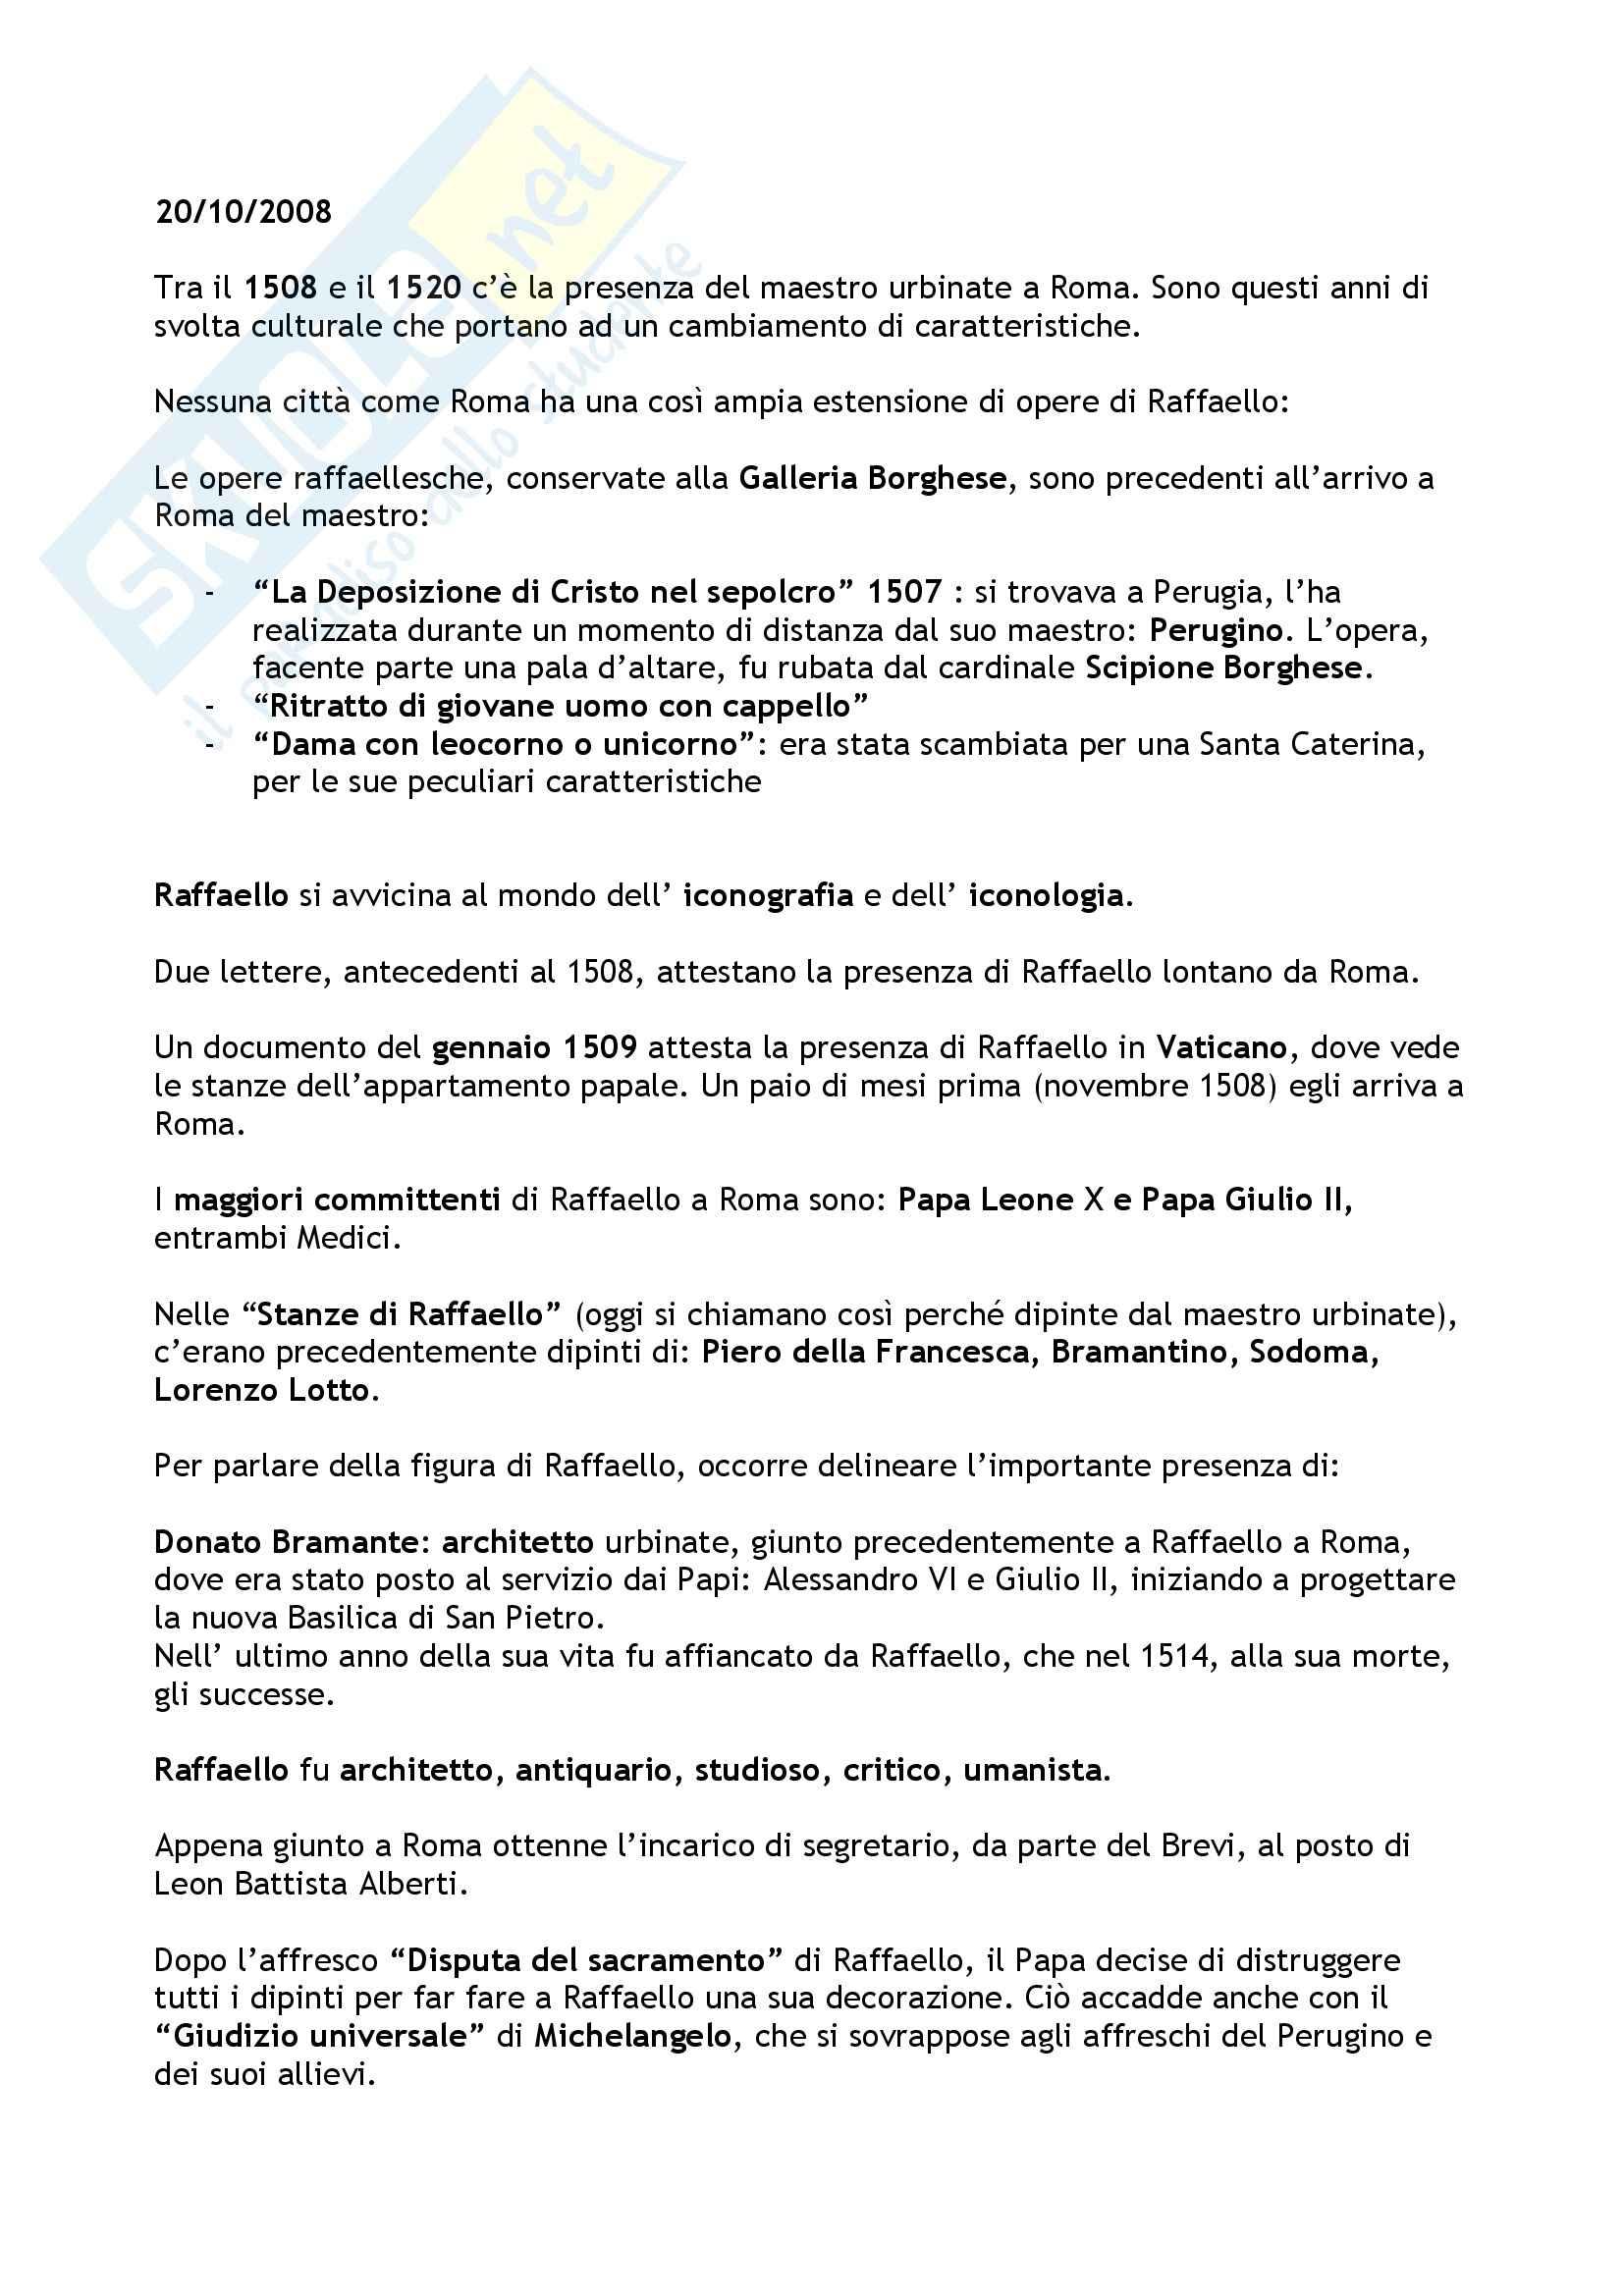 Raffaello a Roma prima parte - Appunti